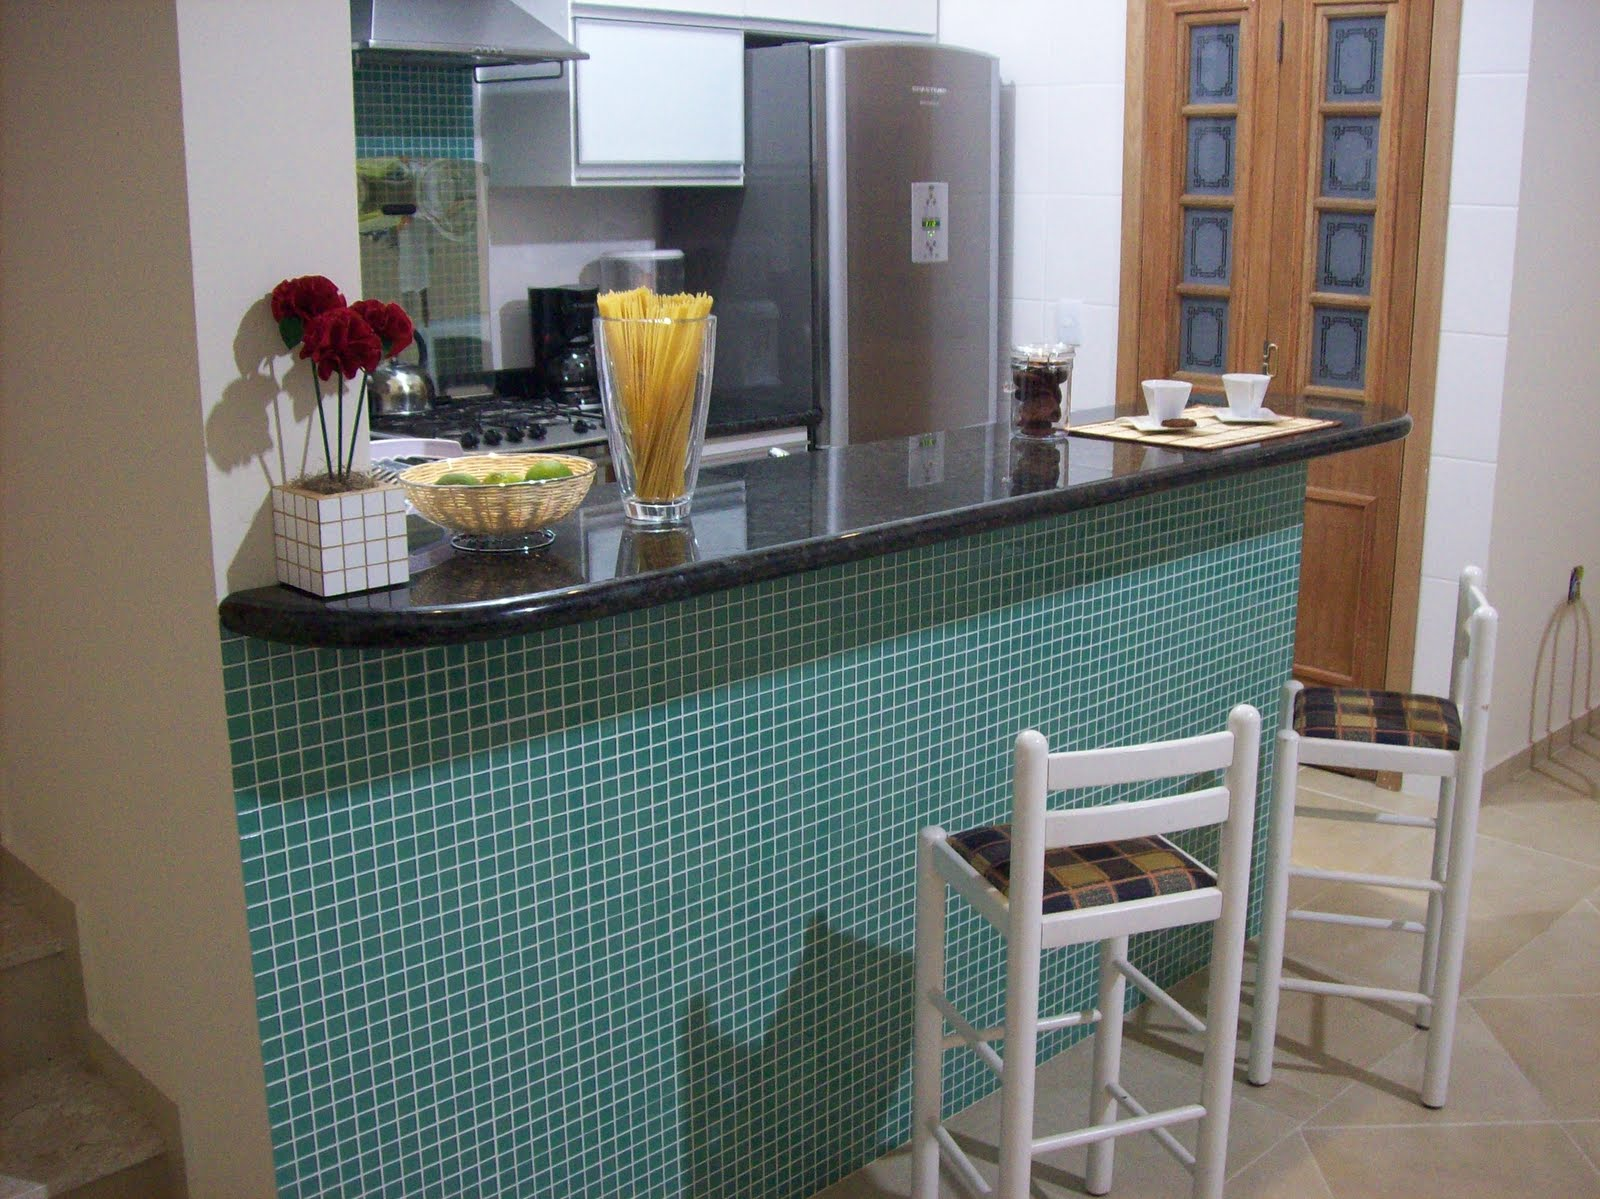 #664838 Balcão de cozinha de mármore – Fotos Decorando Casas 1600x1199 px Balcao Mesa Para Cozinha Americana #1143 imagens